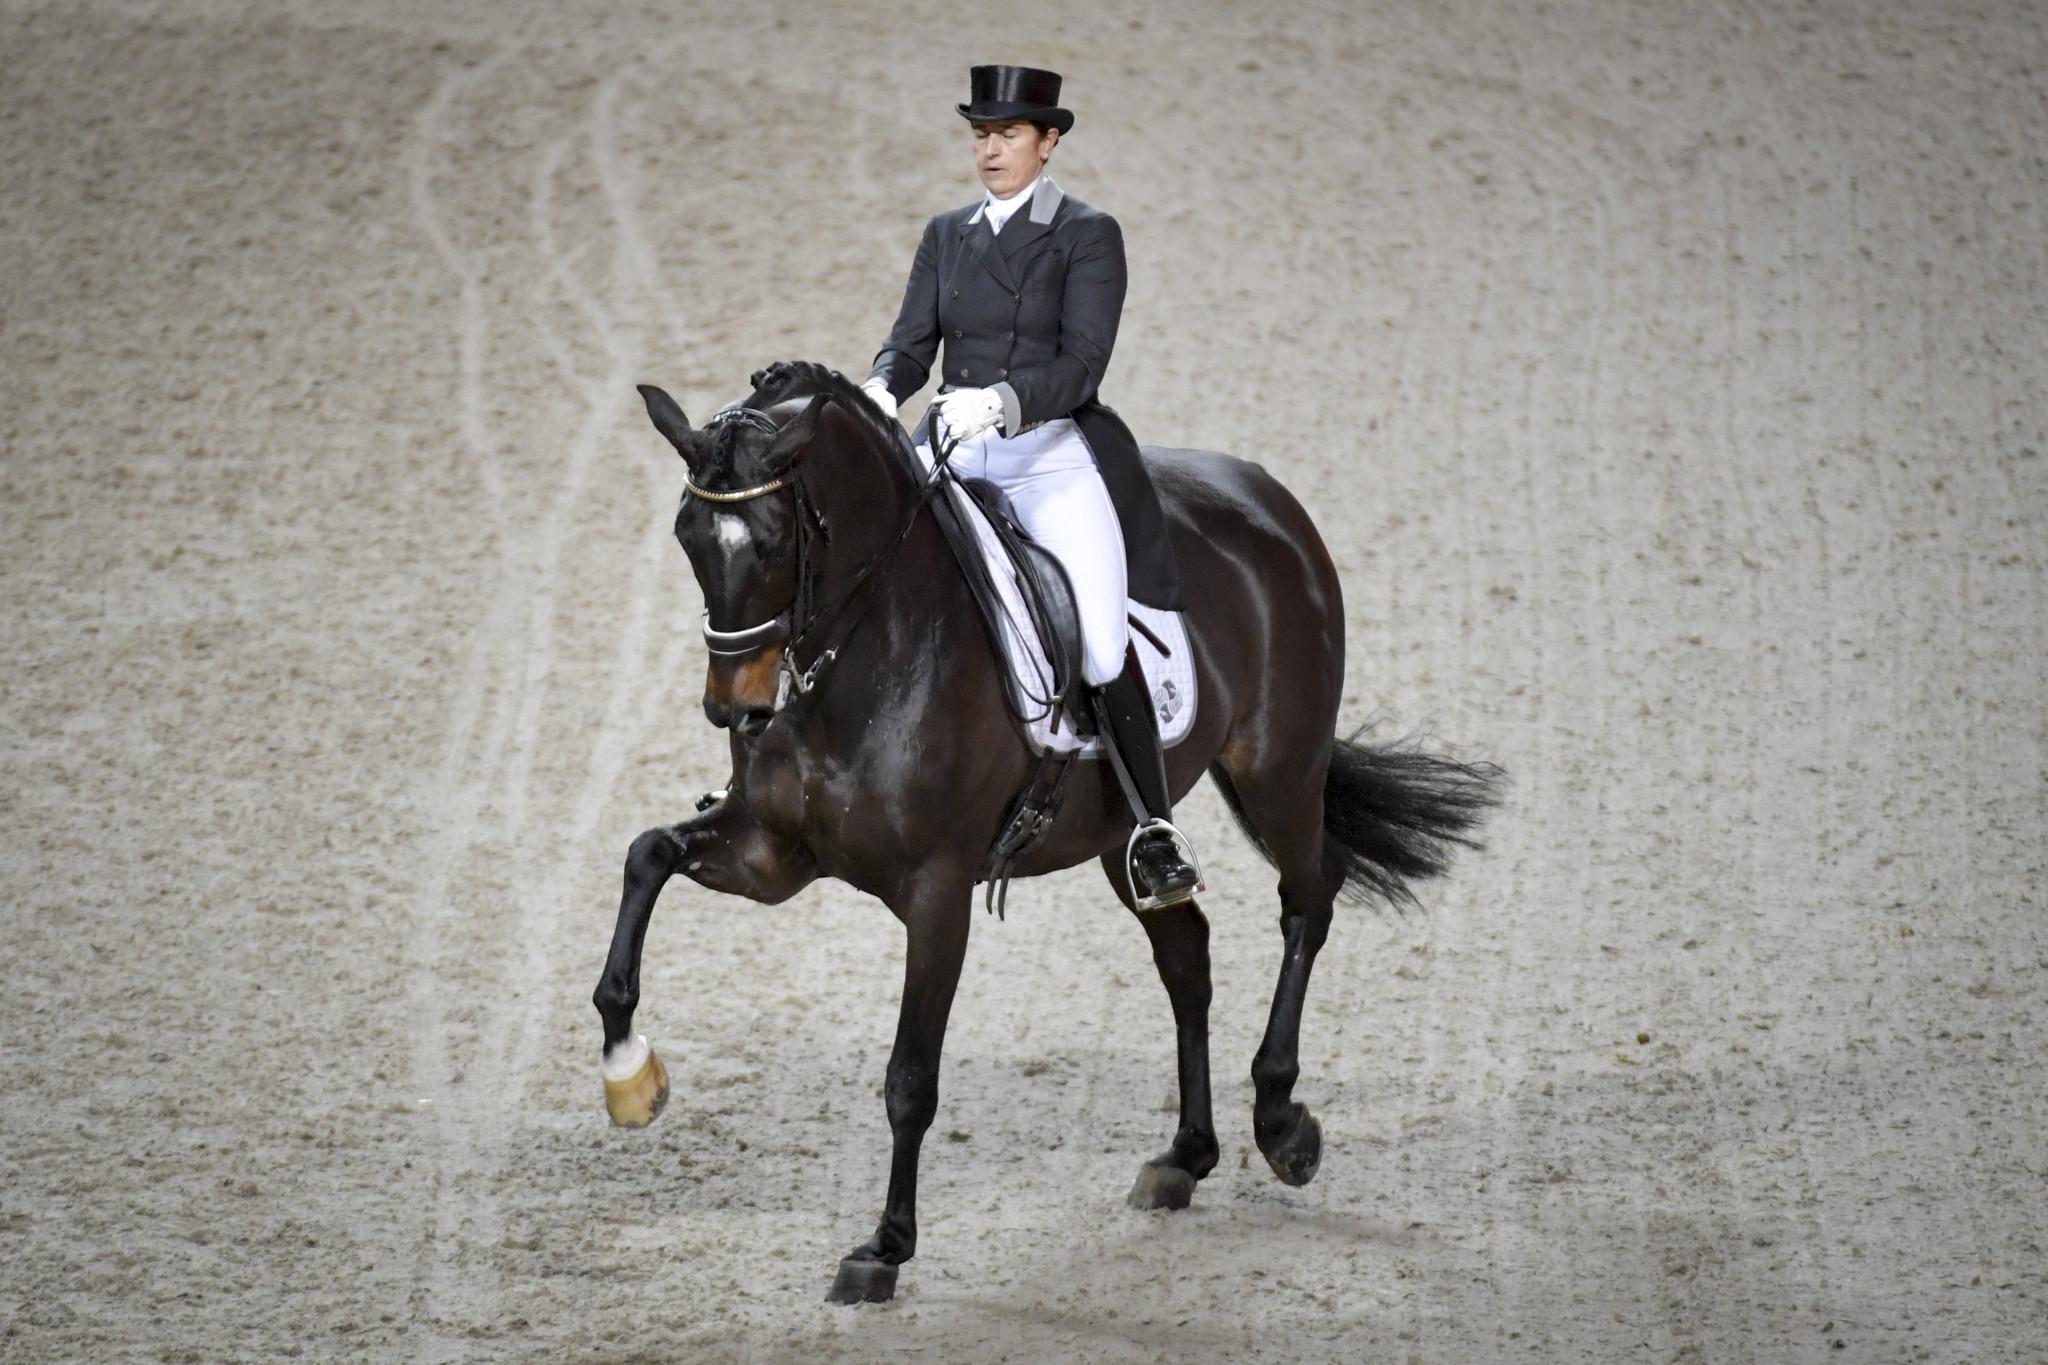 Sweden's Tinne Vilhelmson Silfven finished second ©Getty Images